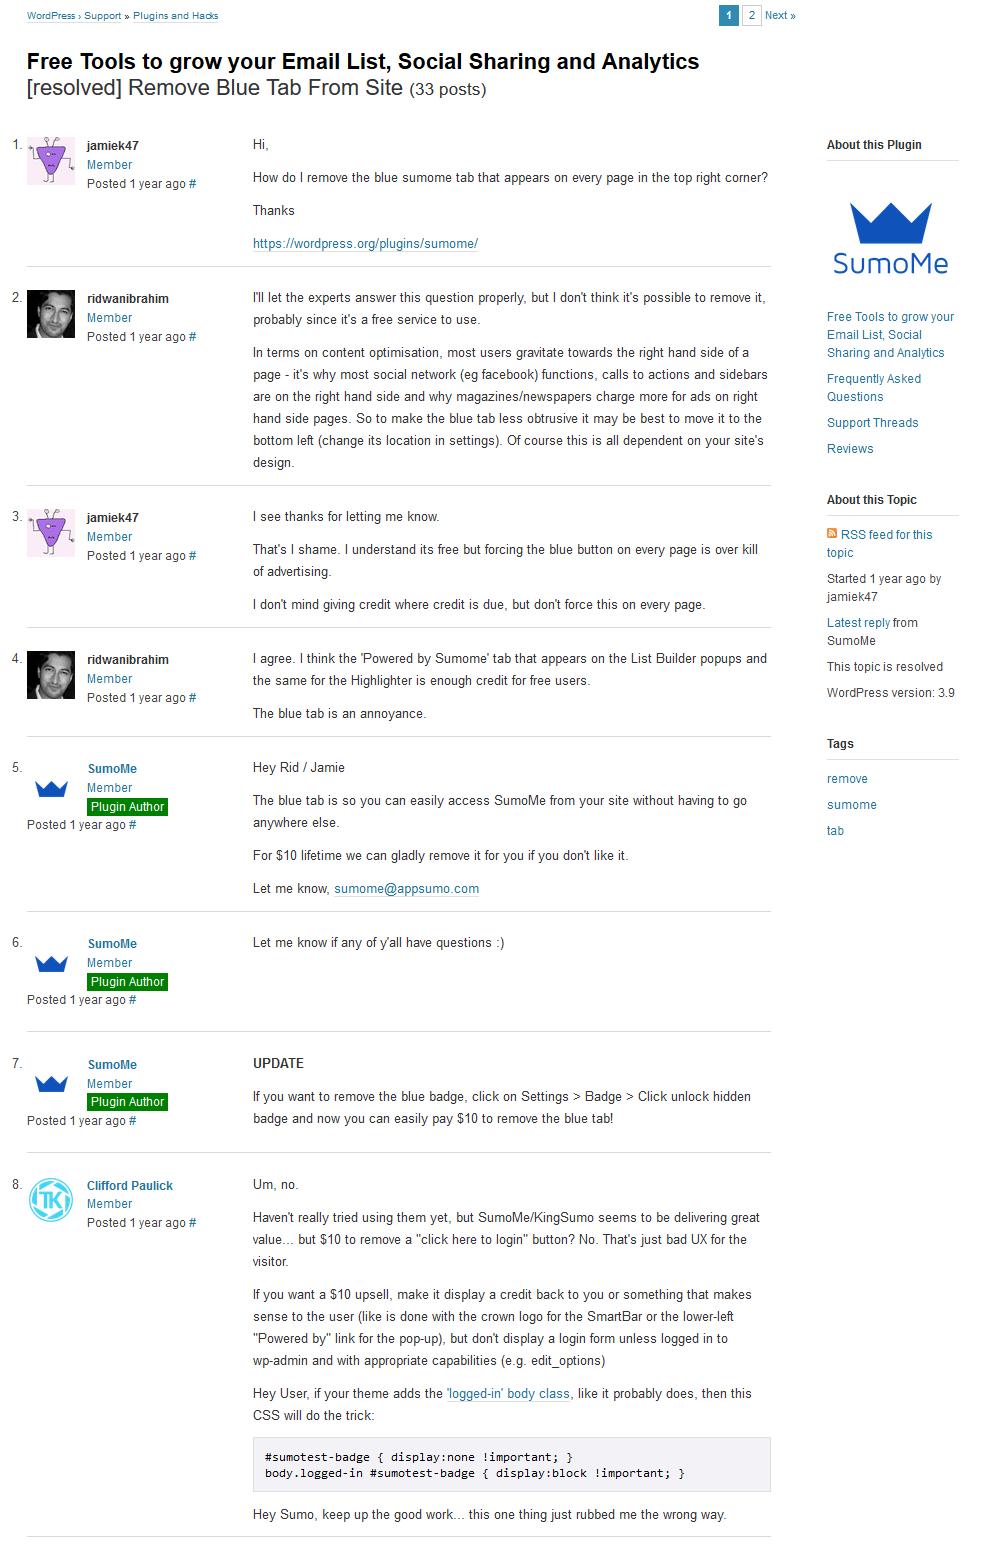 remove-sumome-blue-button-tab-wordpress-forum